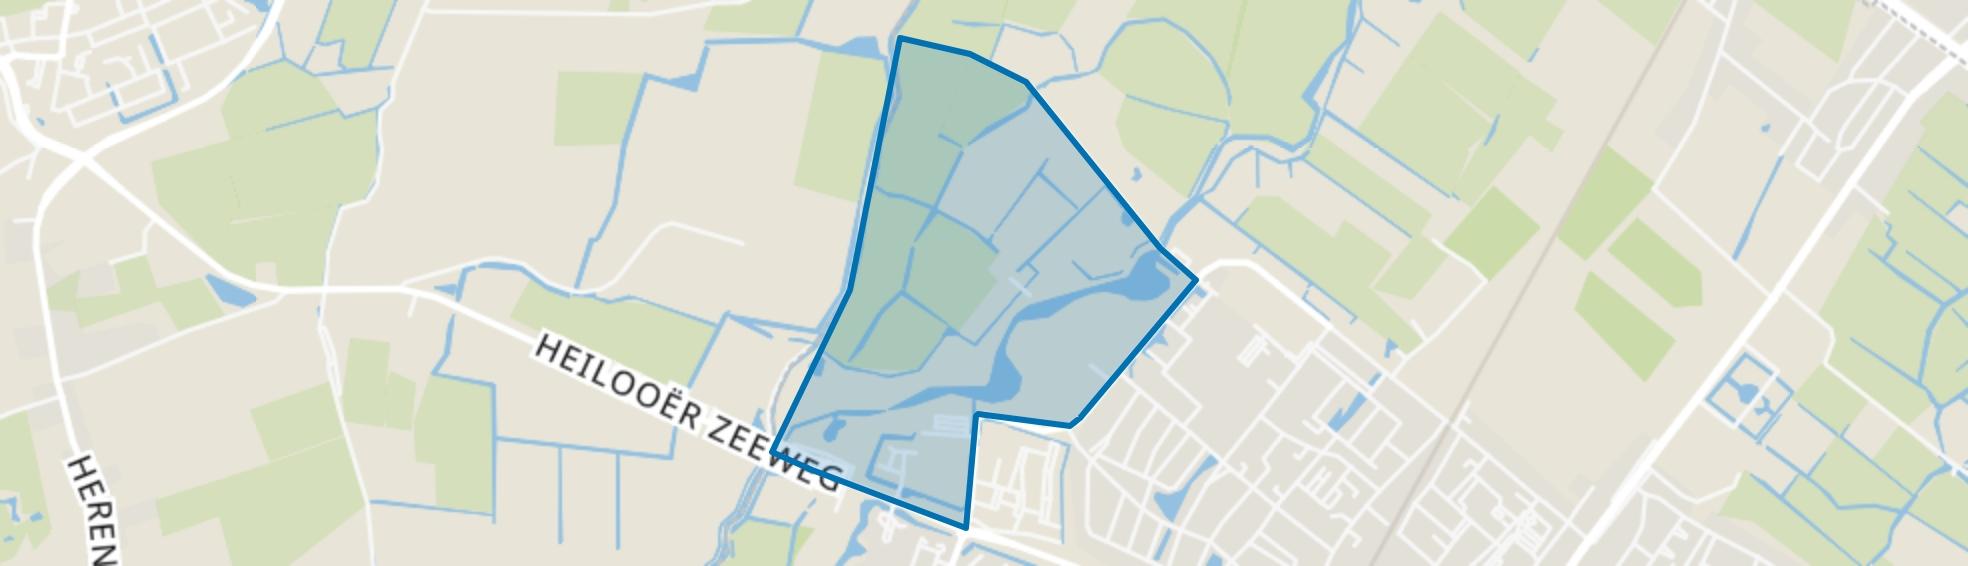 Noorderneg, Heiloo map